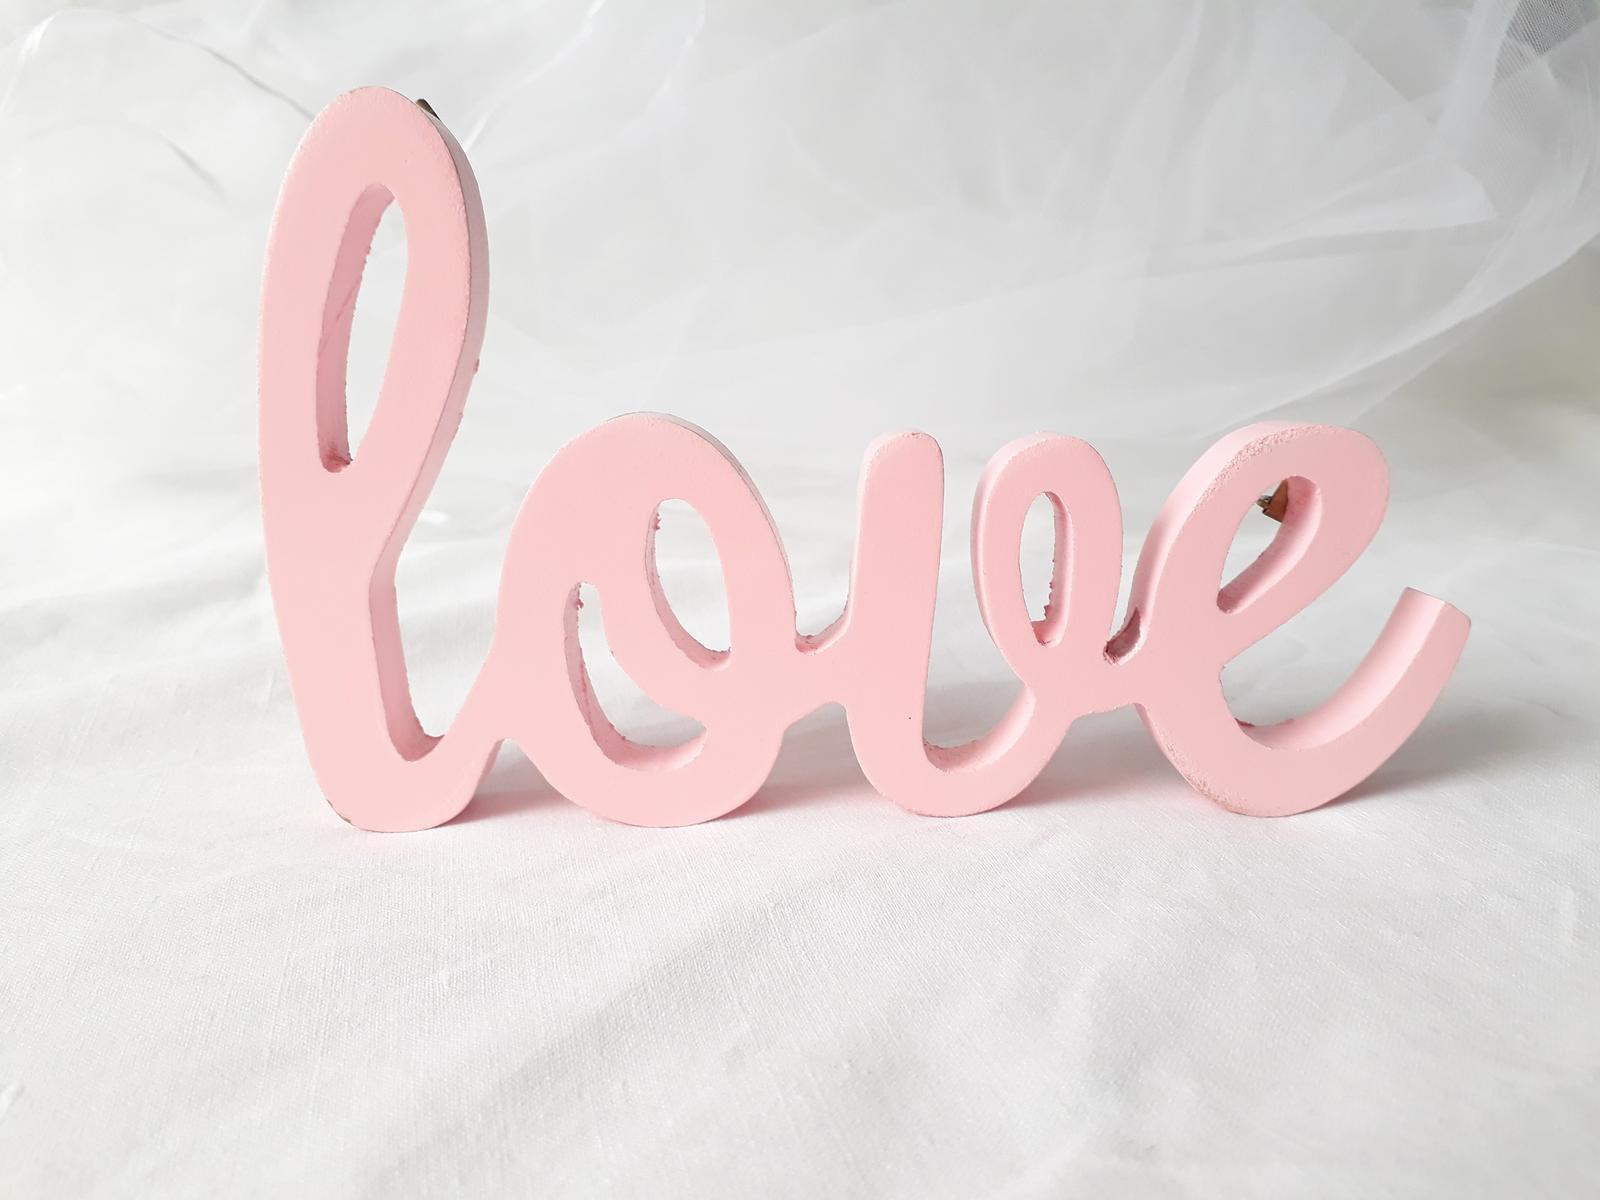 Nápis Love - rezervováno - Obrázek č. 1